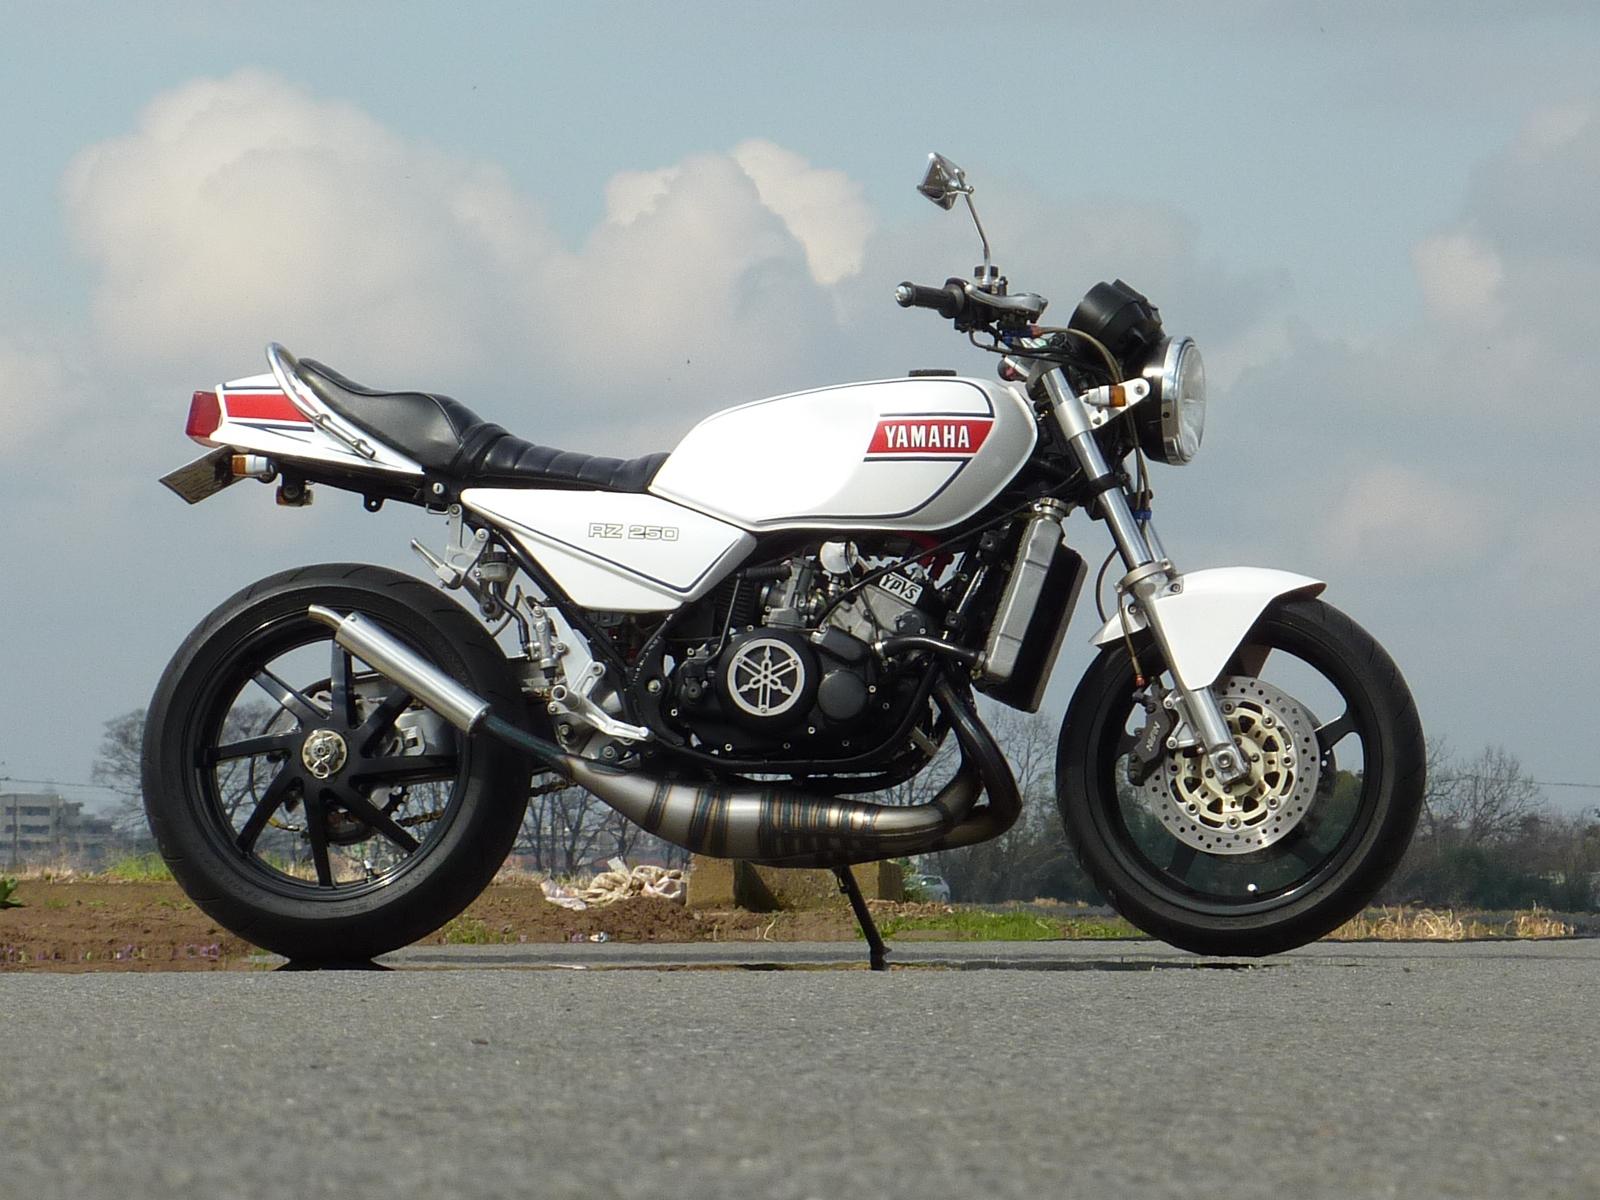 ヤマハの2ストバイクRZ250を中古で購入する方必見中古の基礎知識まとめのサムネイル画像